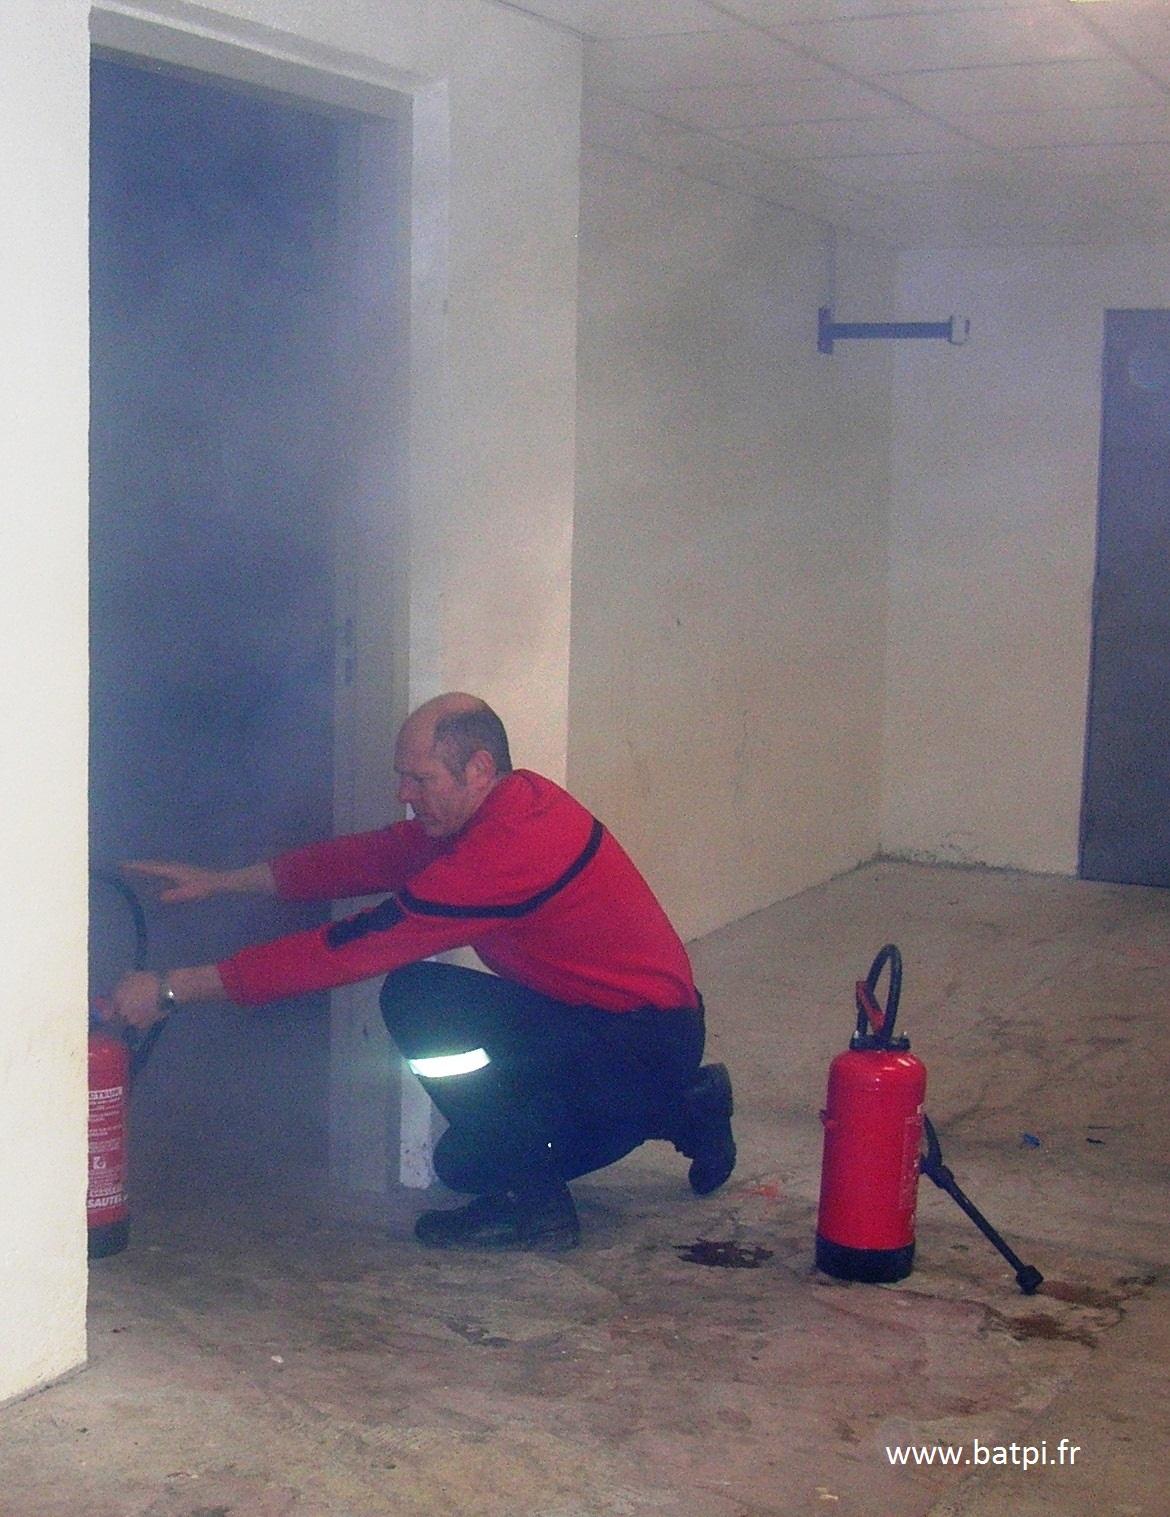 bureau assistance technique pr u00e9vention incendie - extincteur - d u00e9tecteur d u0026 39 incendie